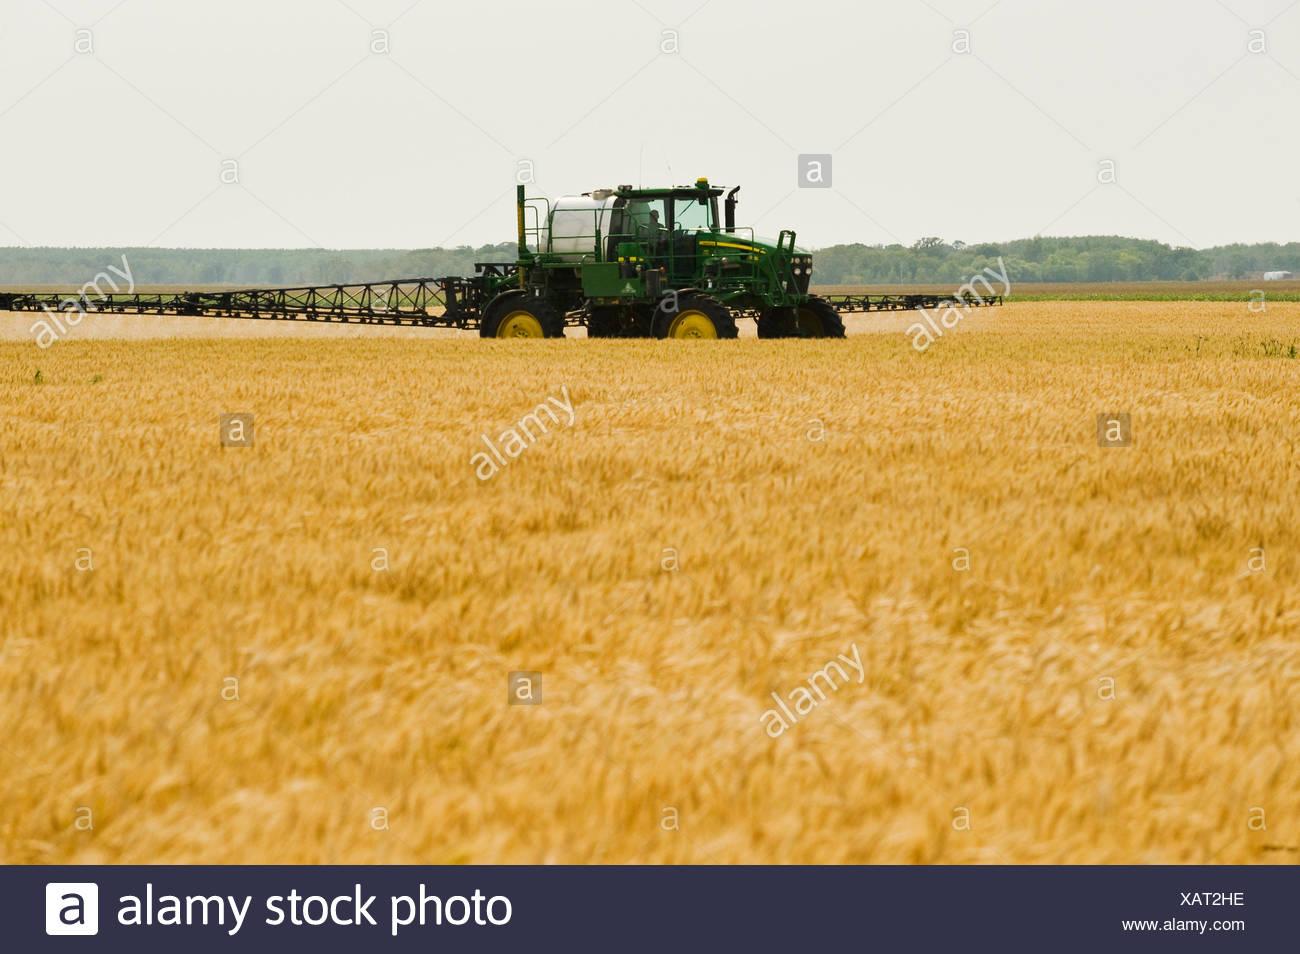 Un pulvérisateur enjambeur donne une application d'herbicides chimiques pour mûrir le blé d'hiver, près de Carey, Manitoba, Canada Photo Stock